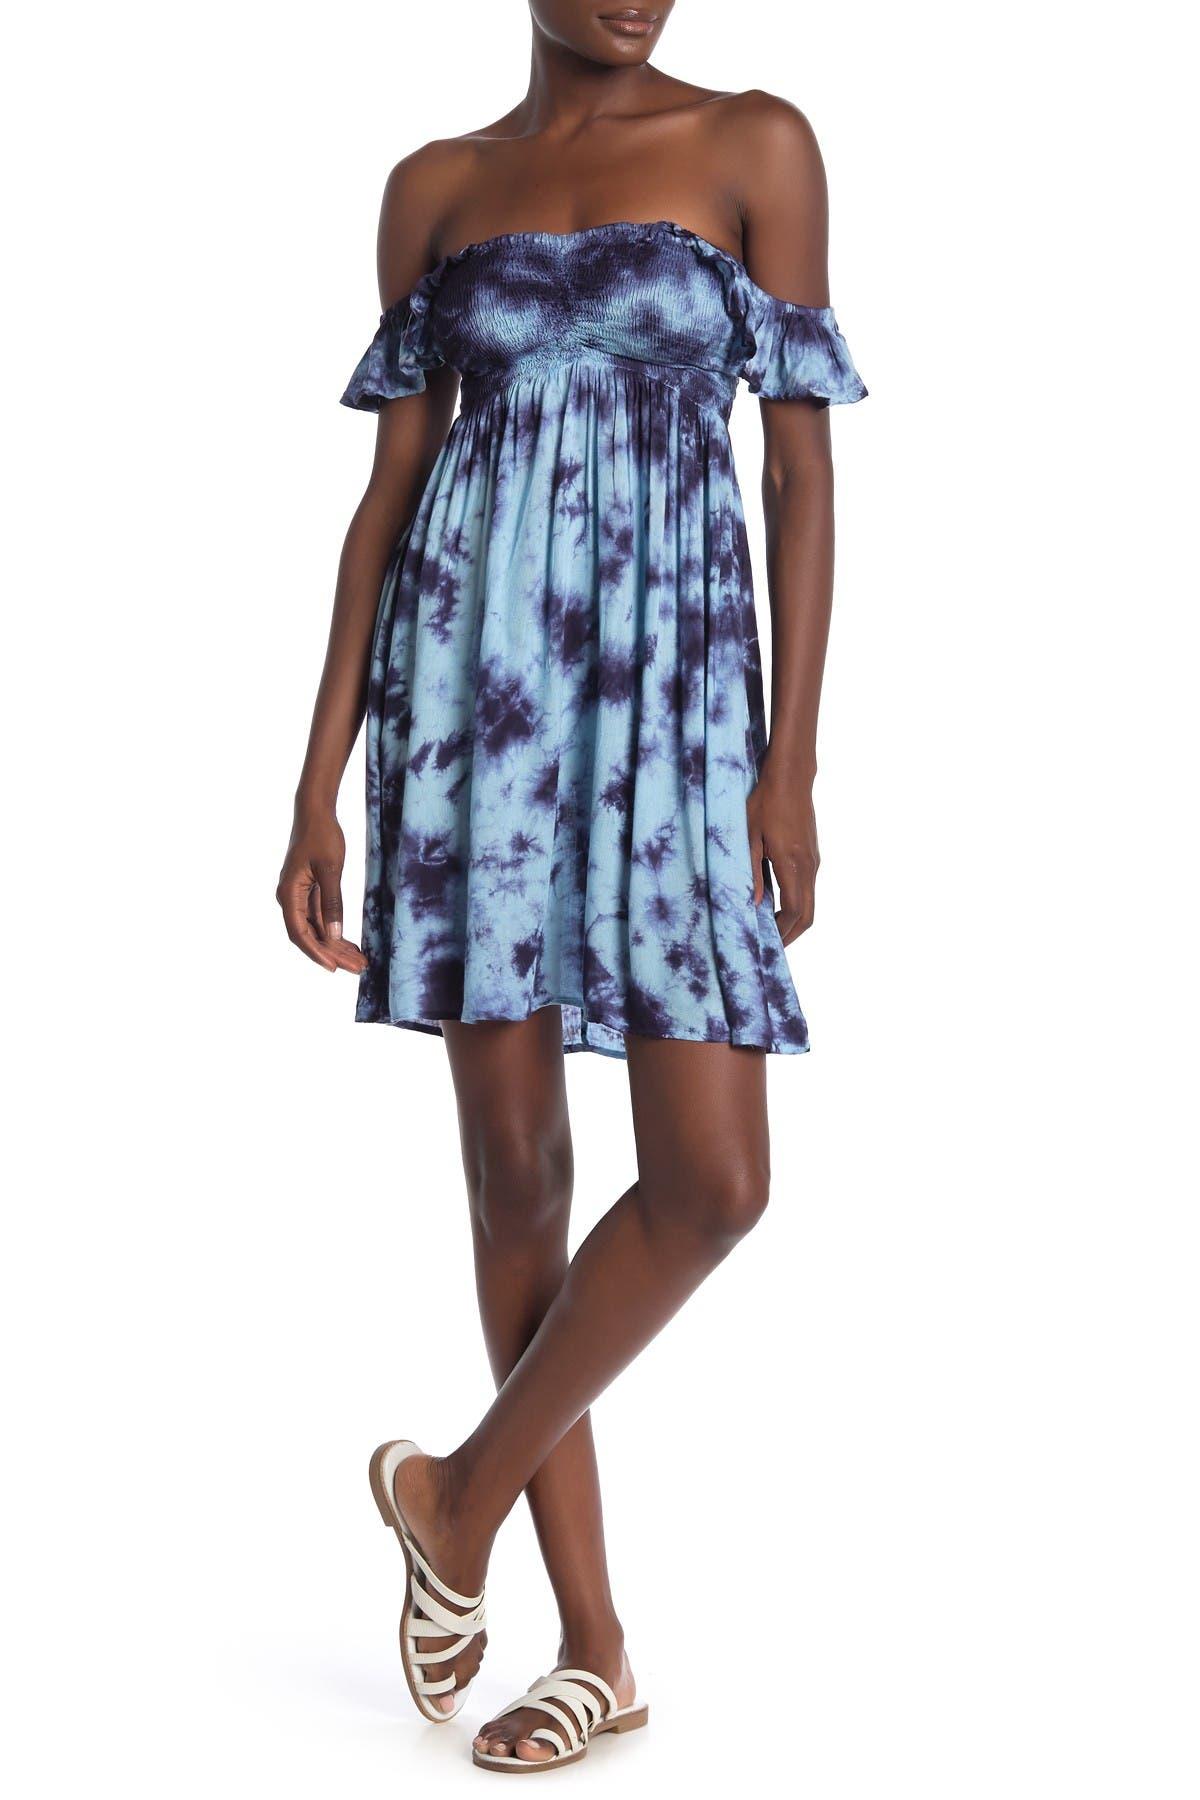 Image of BOHO ME Tie Dye Smocked Off-the-Shoulder Dress